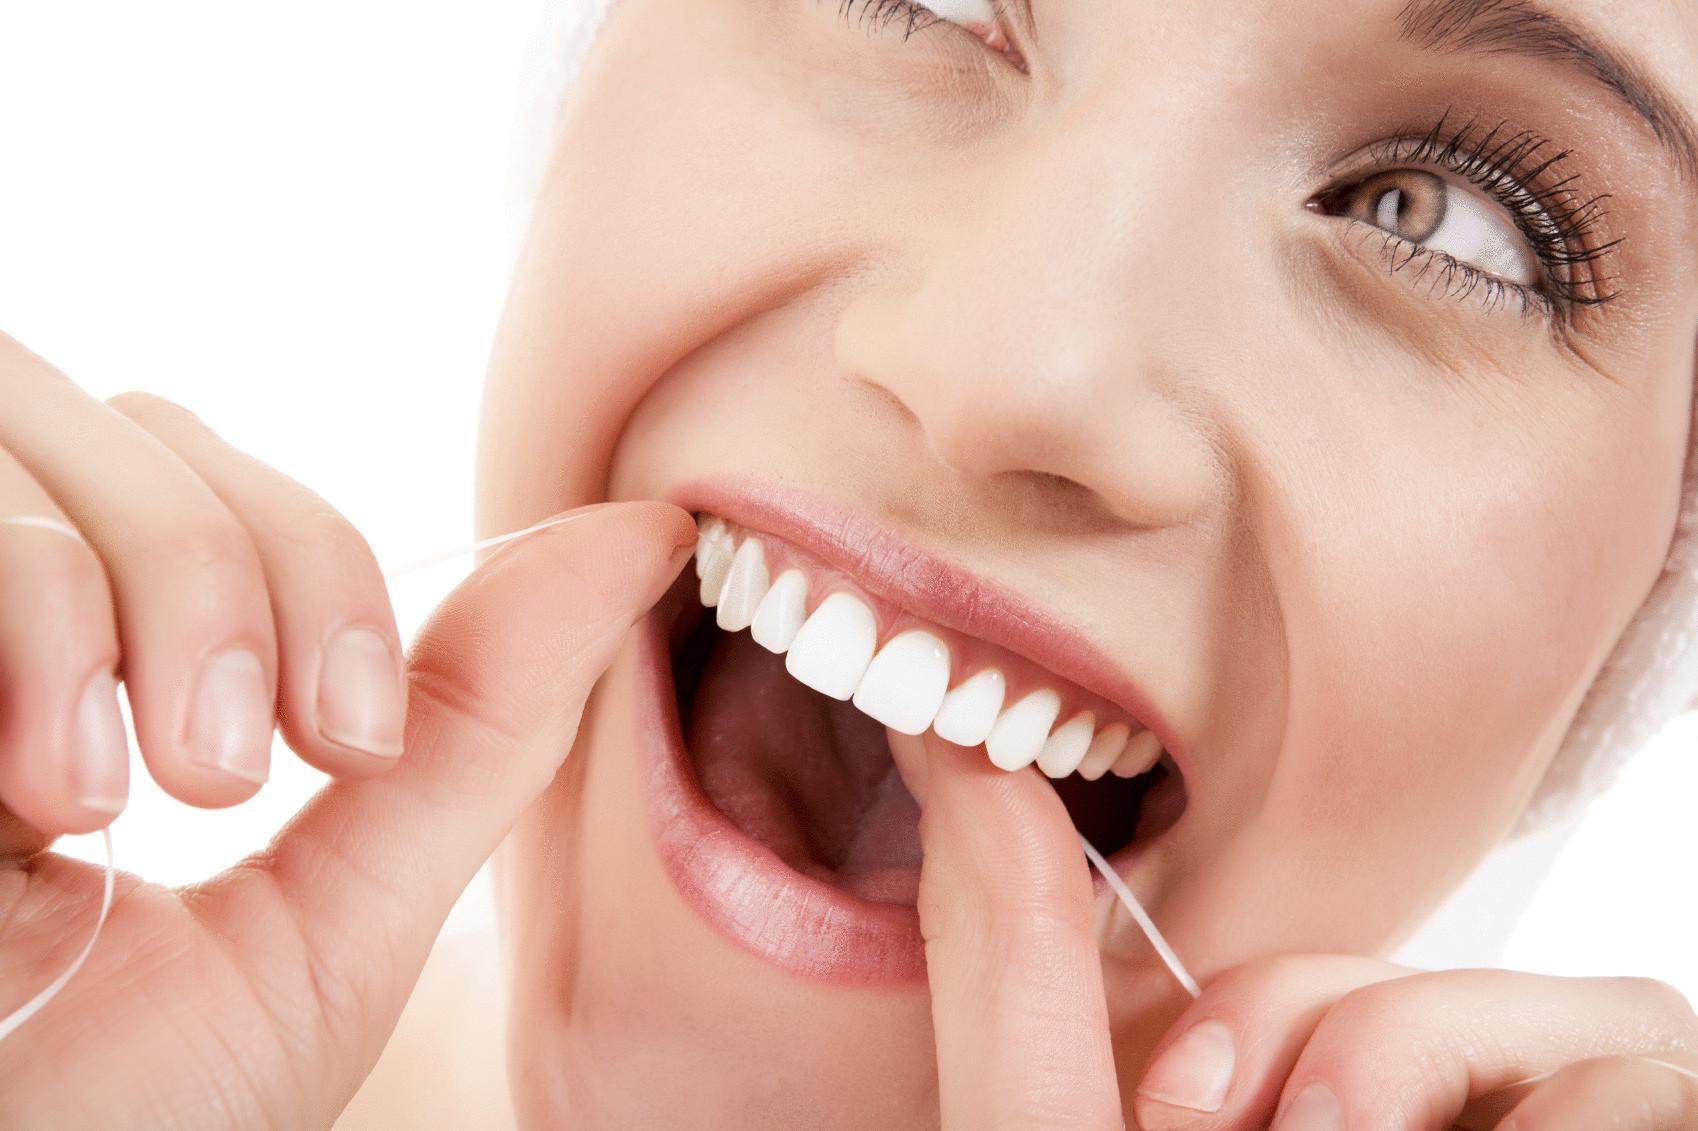 Как укрепить десны зубов в домашних условиях? - Асепта 52